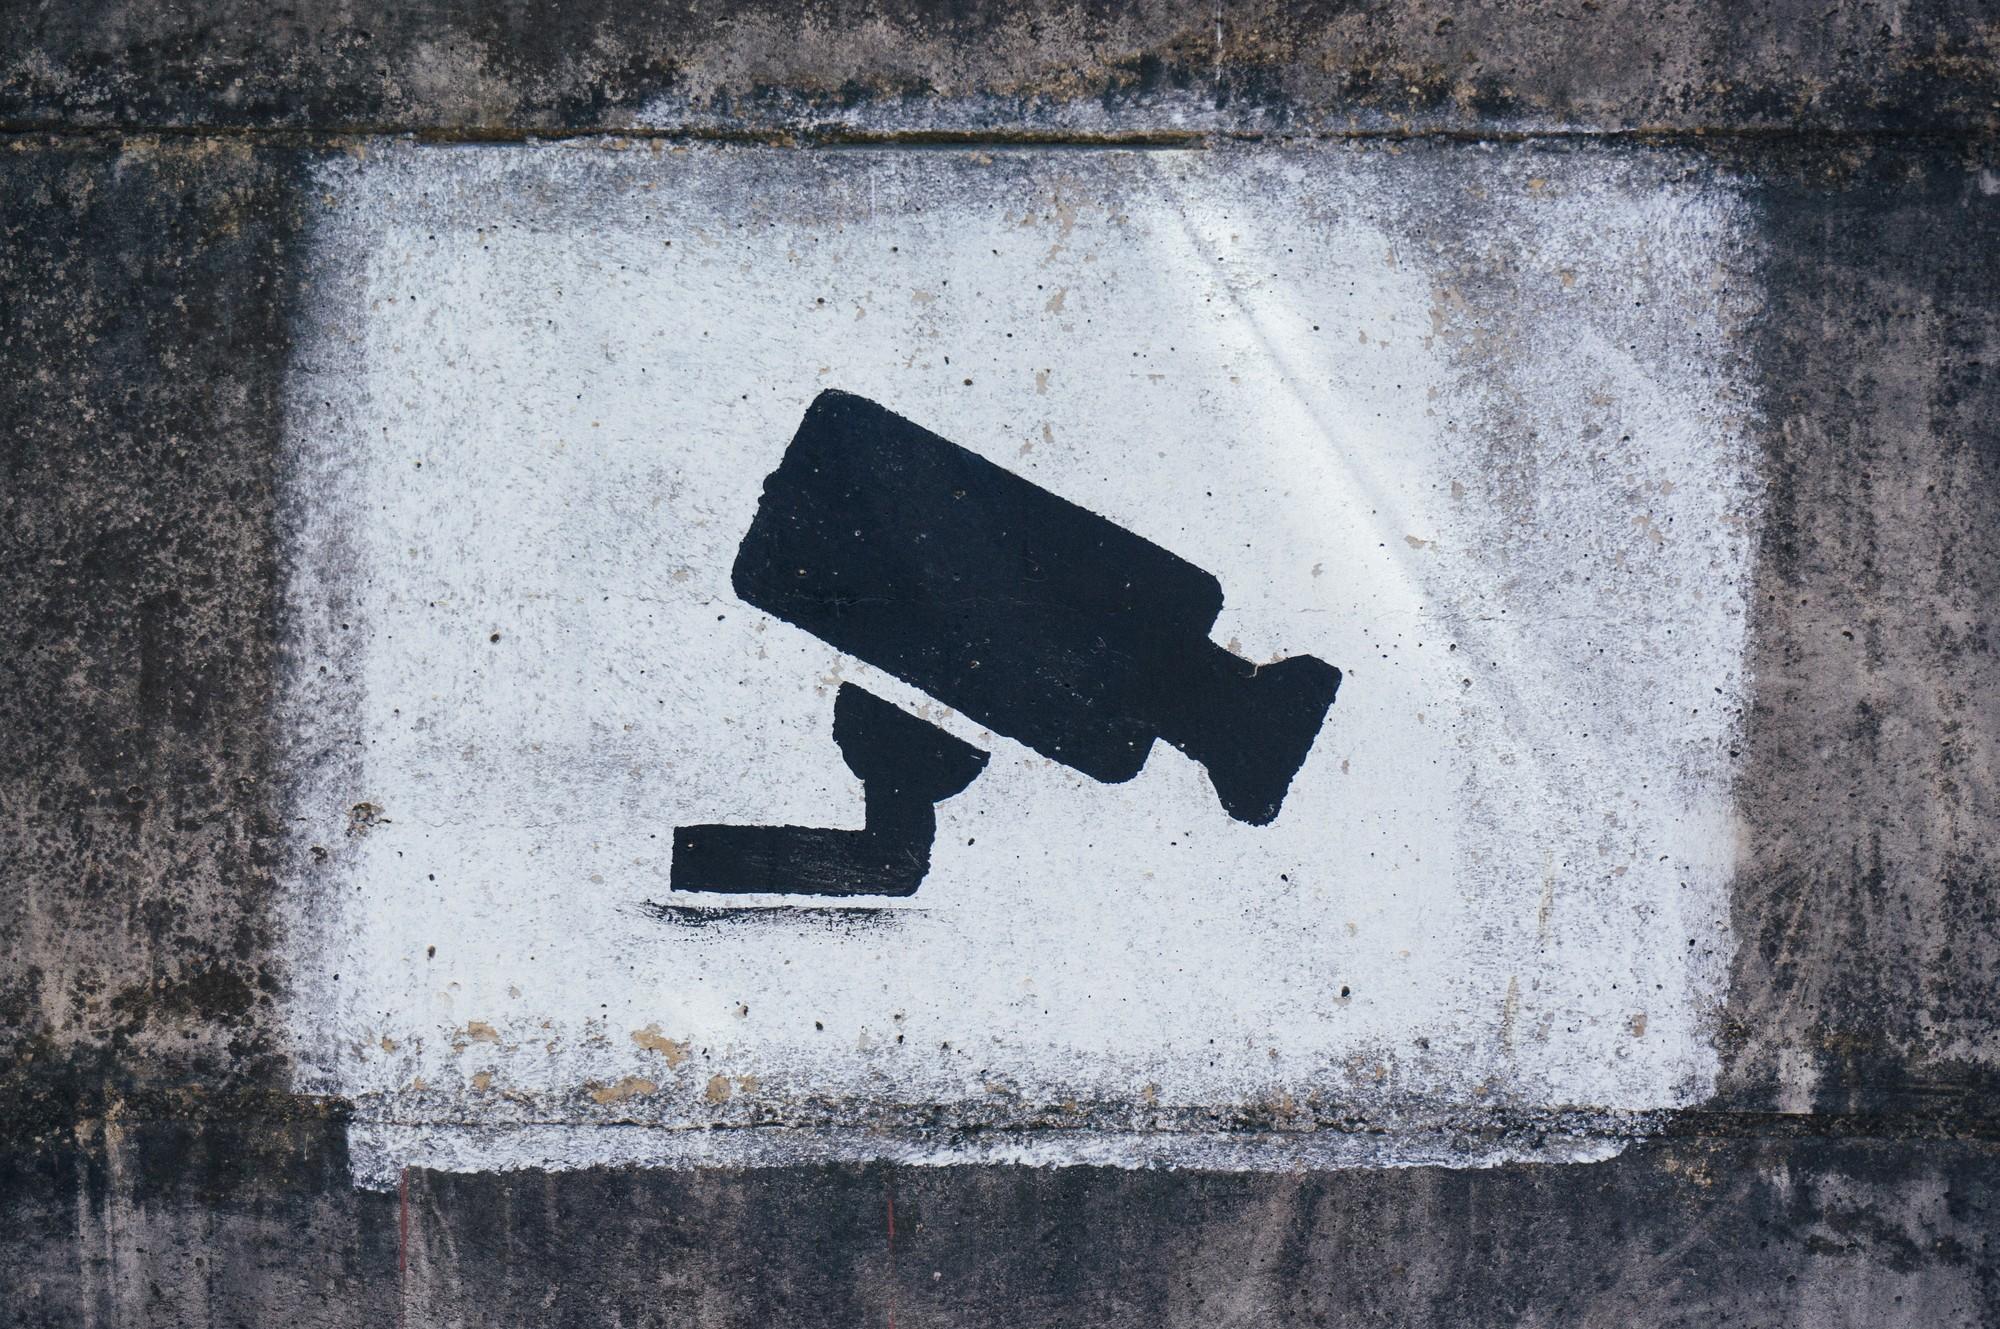 Caméra de surveillance : ce que vous pouvez légalement faire en l'installant - Frandroid